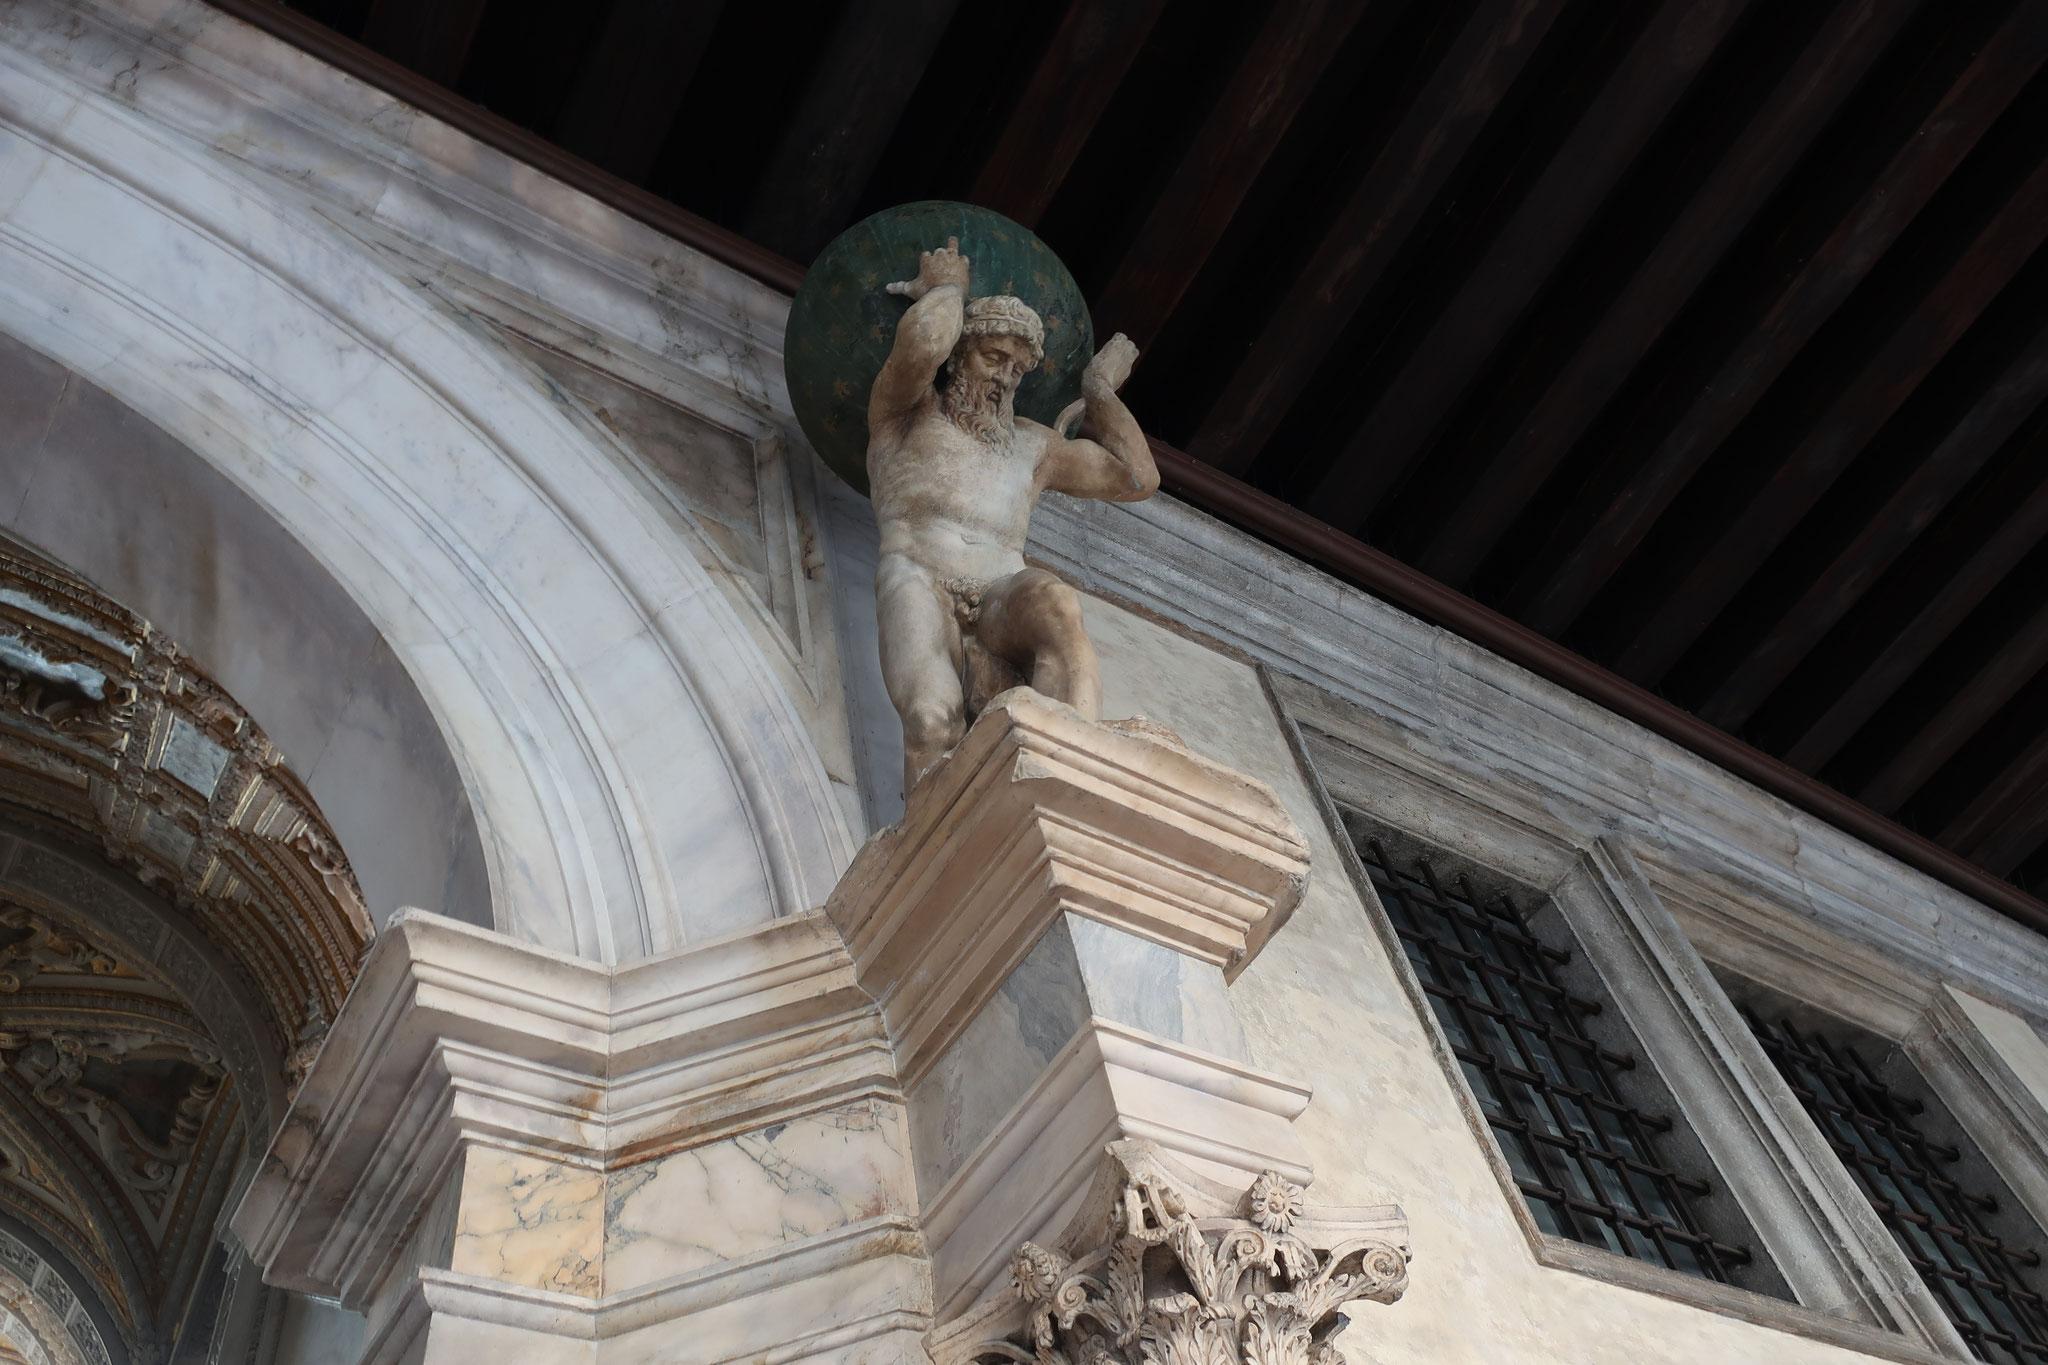 ギリシャ神話のアトラス。ゼウスの命令により、両腕と頭で天を支えました。このため、頭蓋を支える第1頚椎はアトラスと呼ばれます。